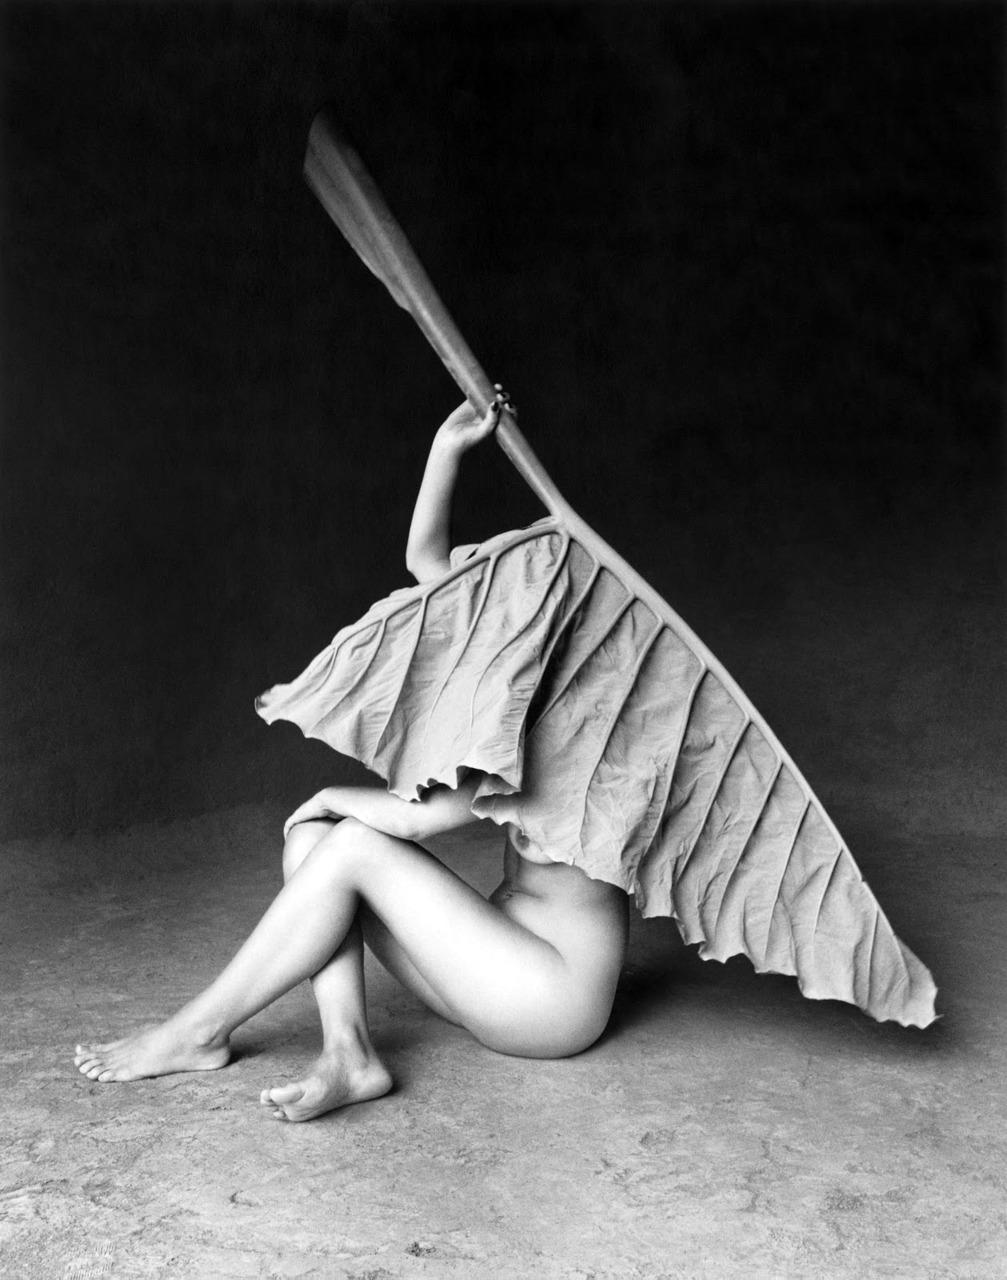 Hoja elegante (Elegantiškas lapas), Meksikas, 1998